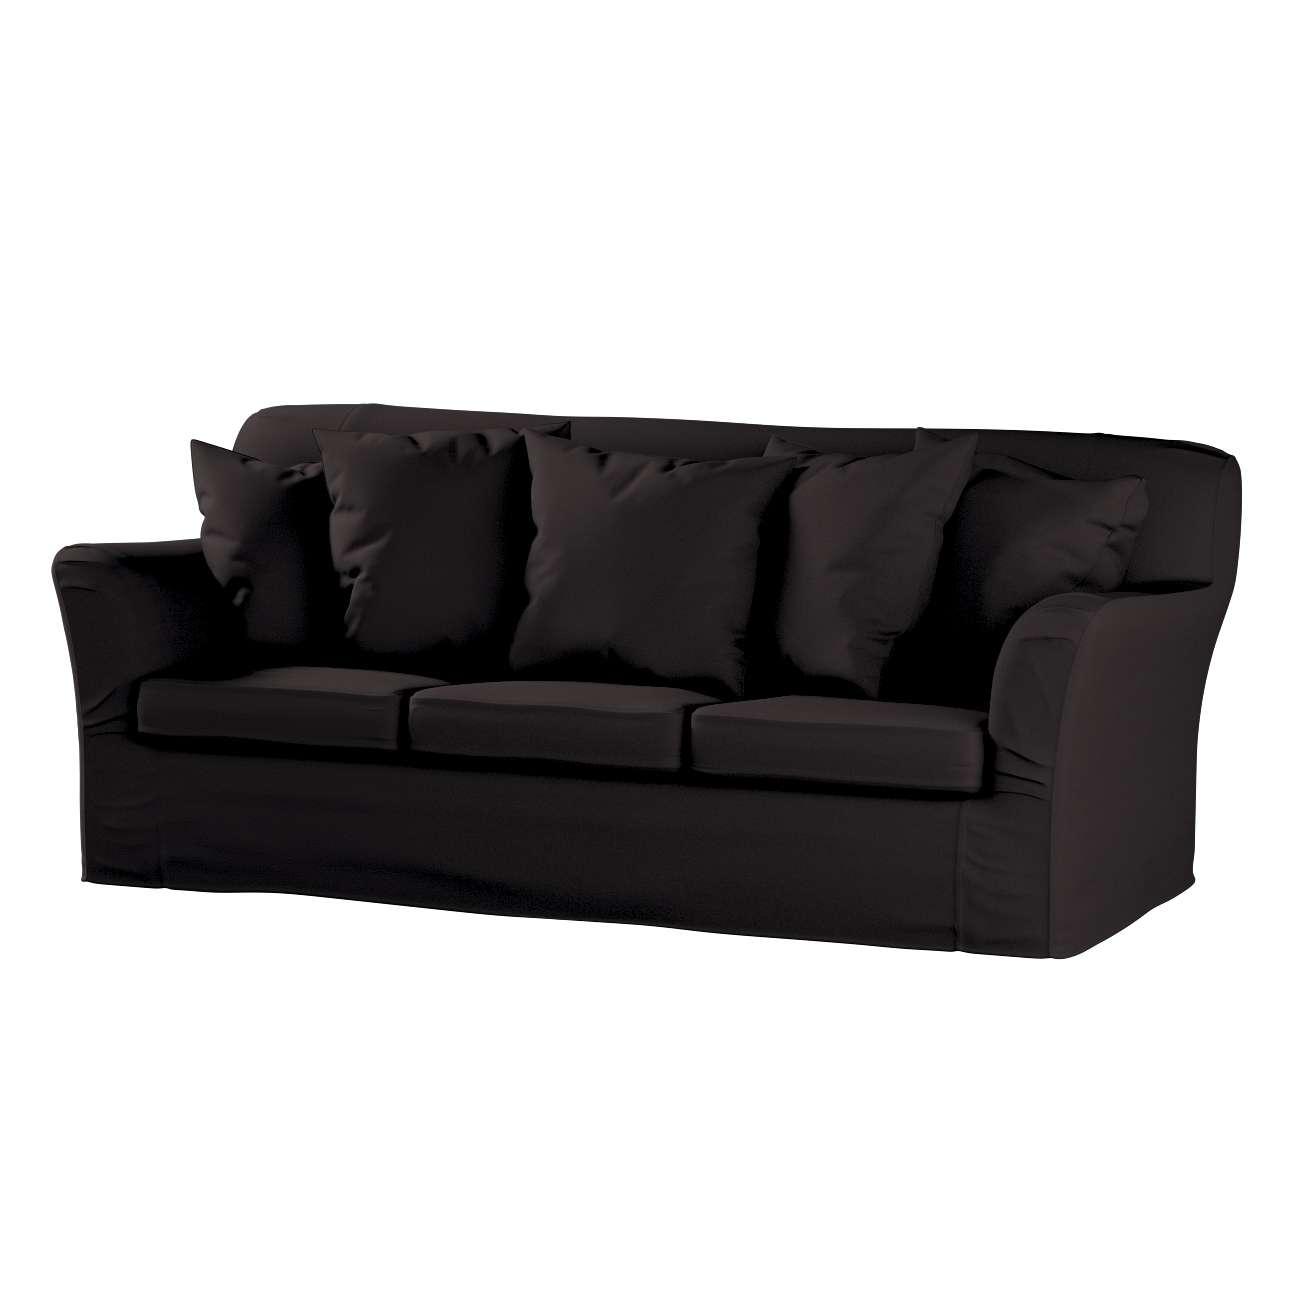 TOMELILLA  trivietės sofos užvalkalas TOMELILLA trivietė sofa kolekcijoje Cotton Panama, audinys: 702-09